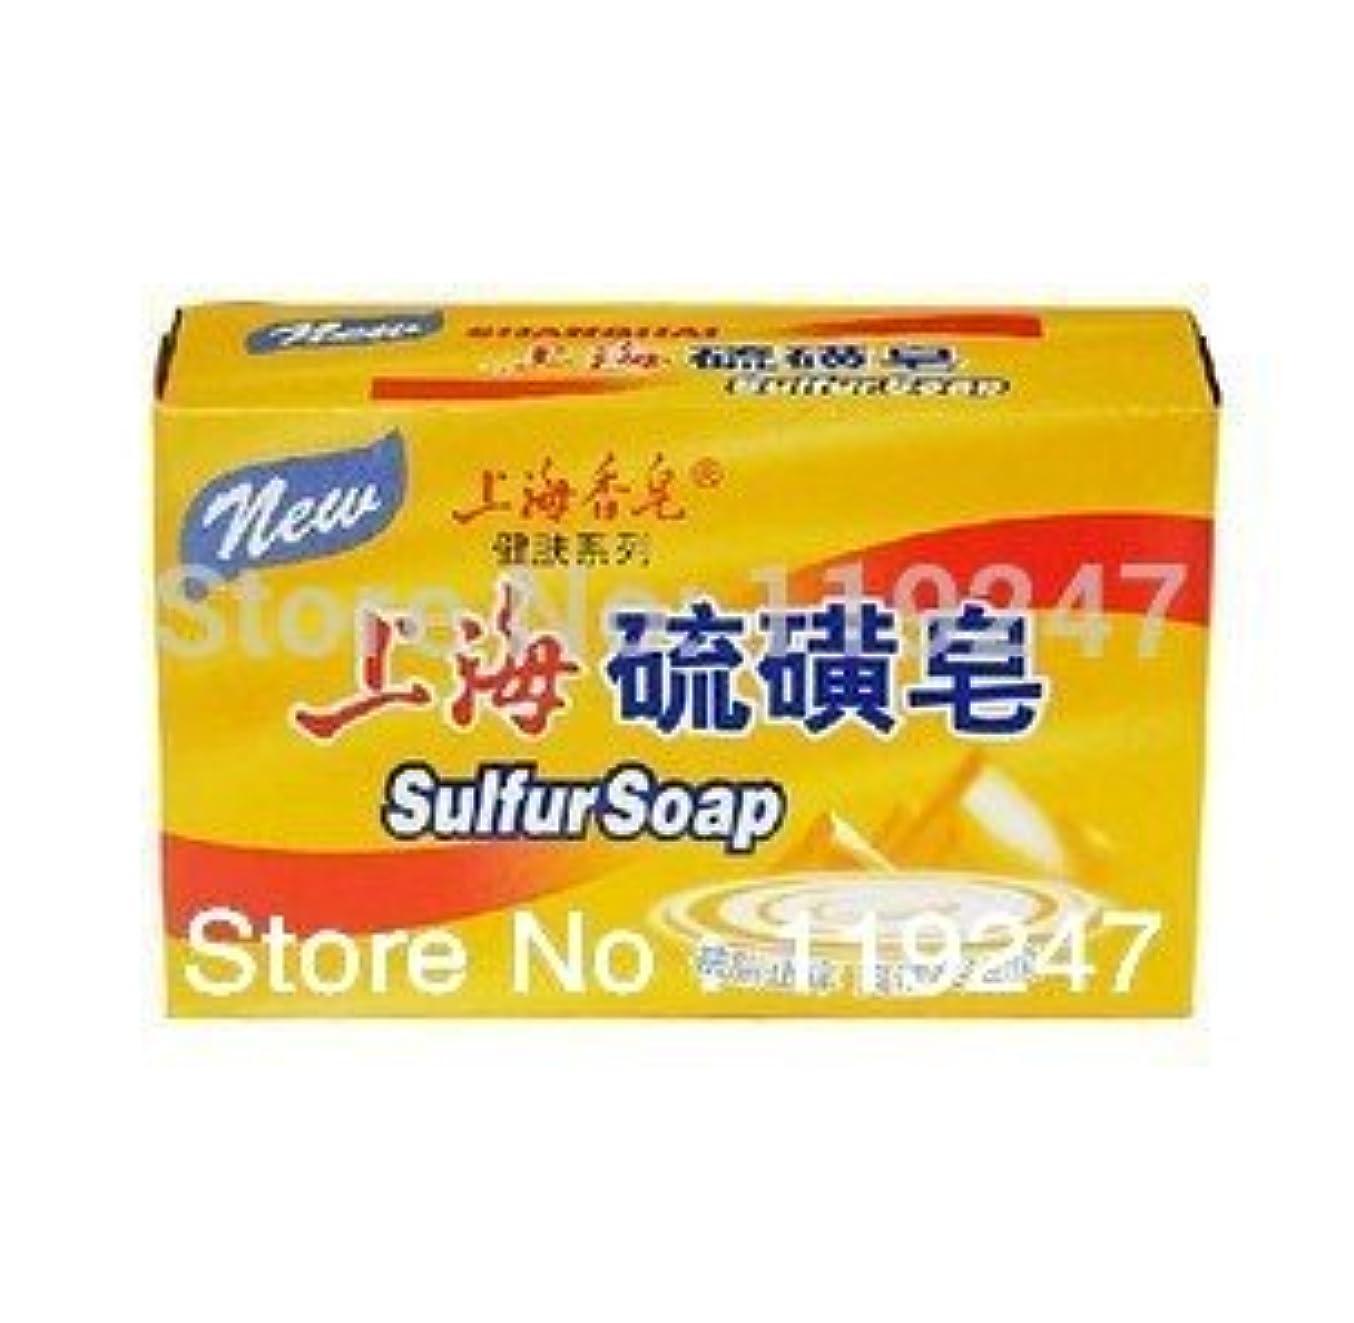 試す見せます芝生Lorny (TM) 上海硫黄石鹸アンチ菌ダニ、ストップかゆみ125グラム格安 [並行輸入品]